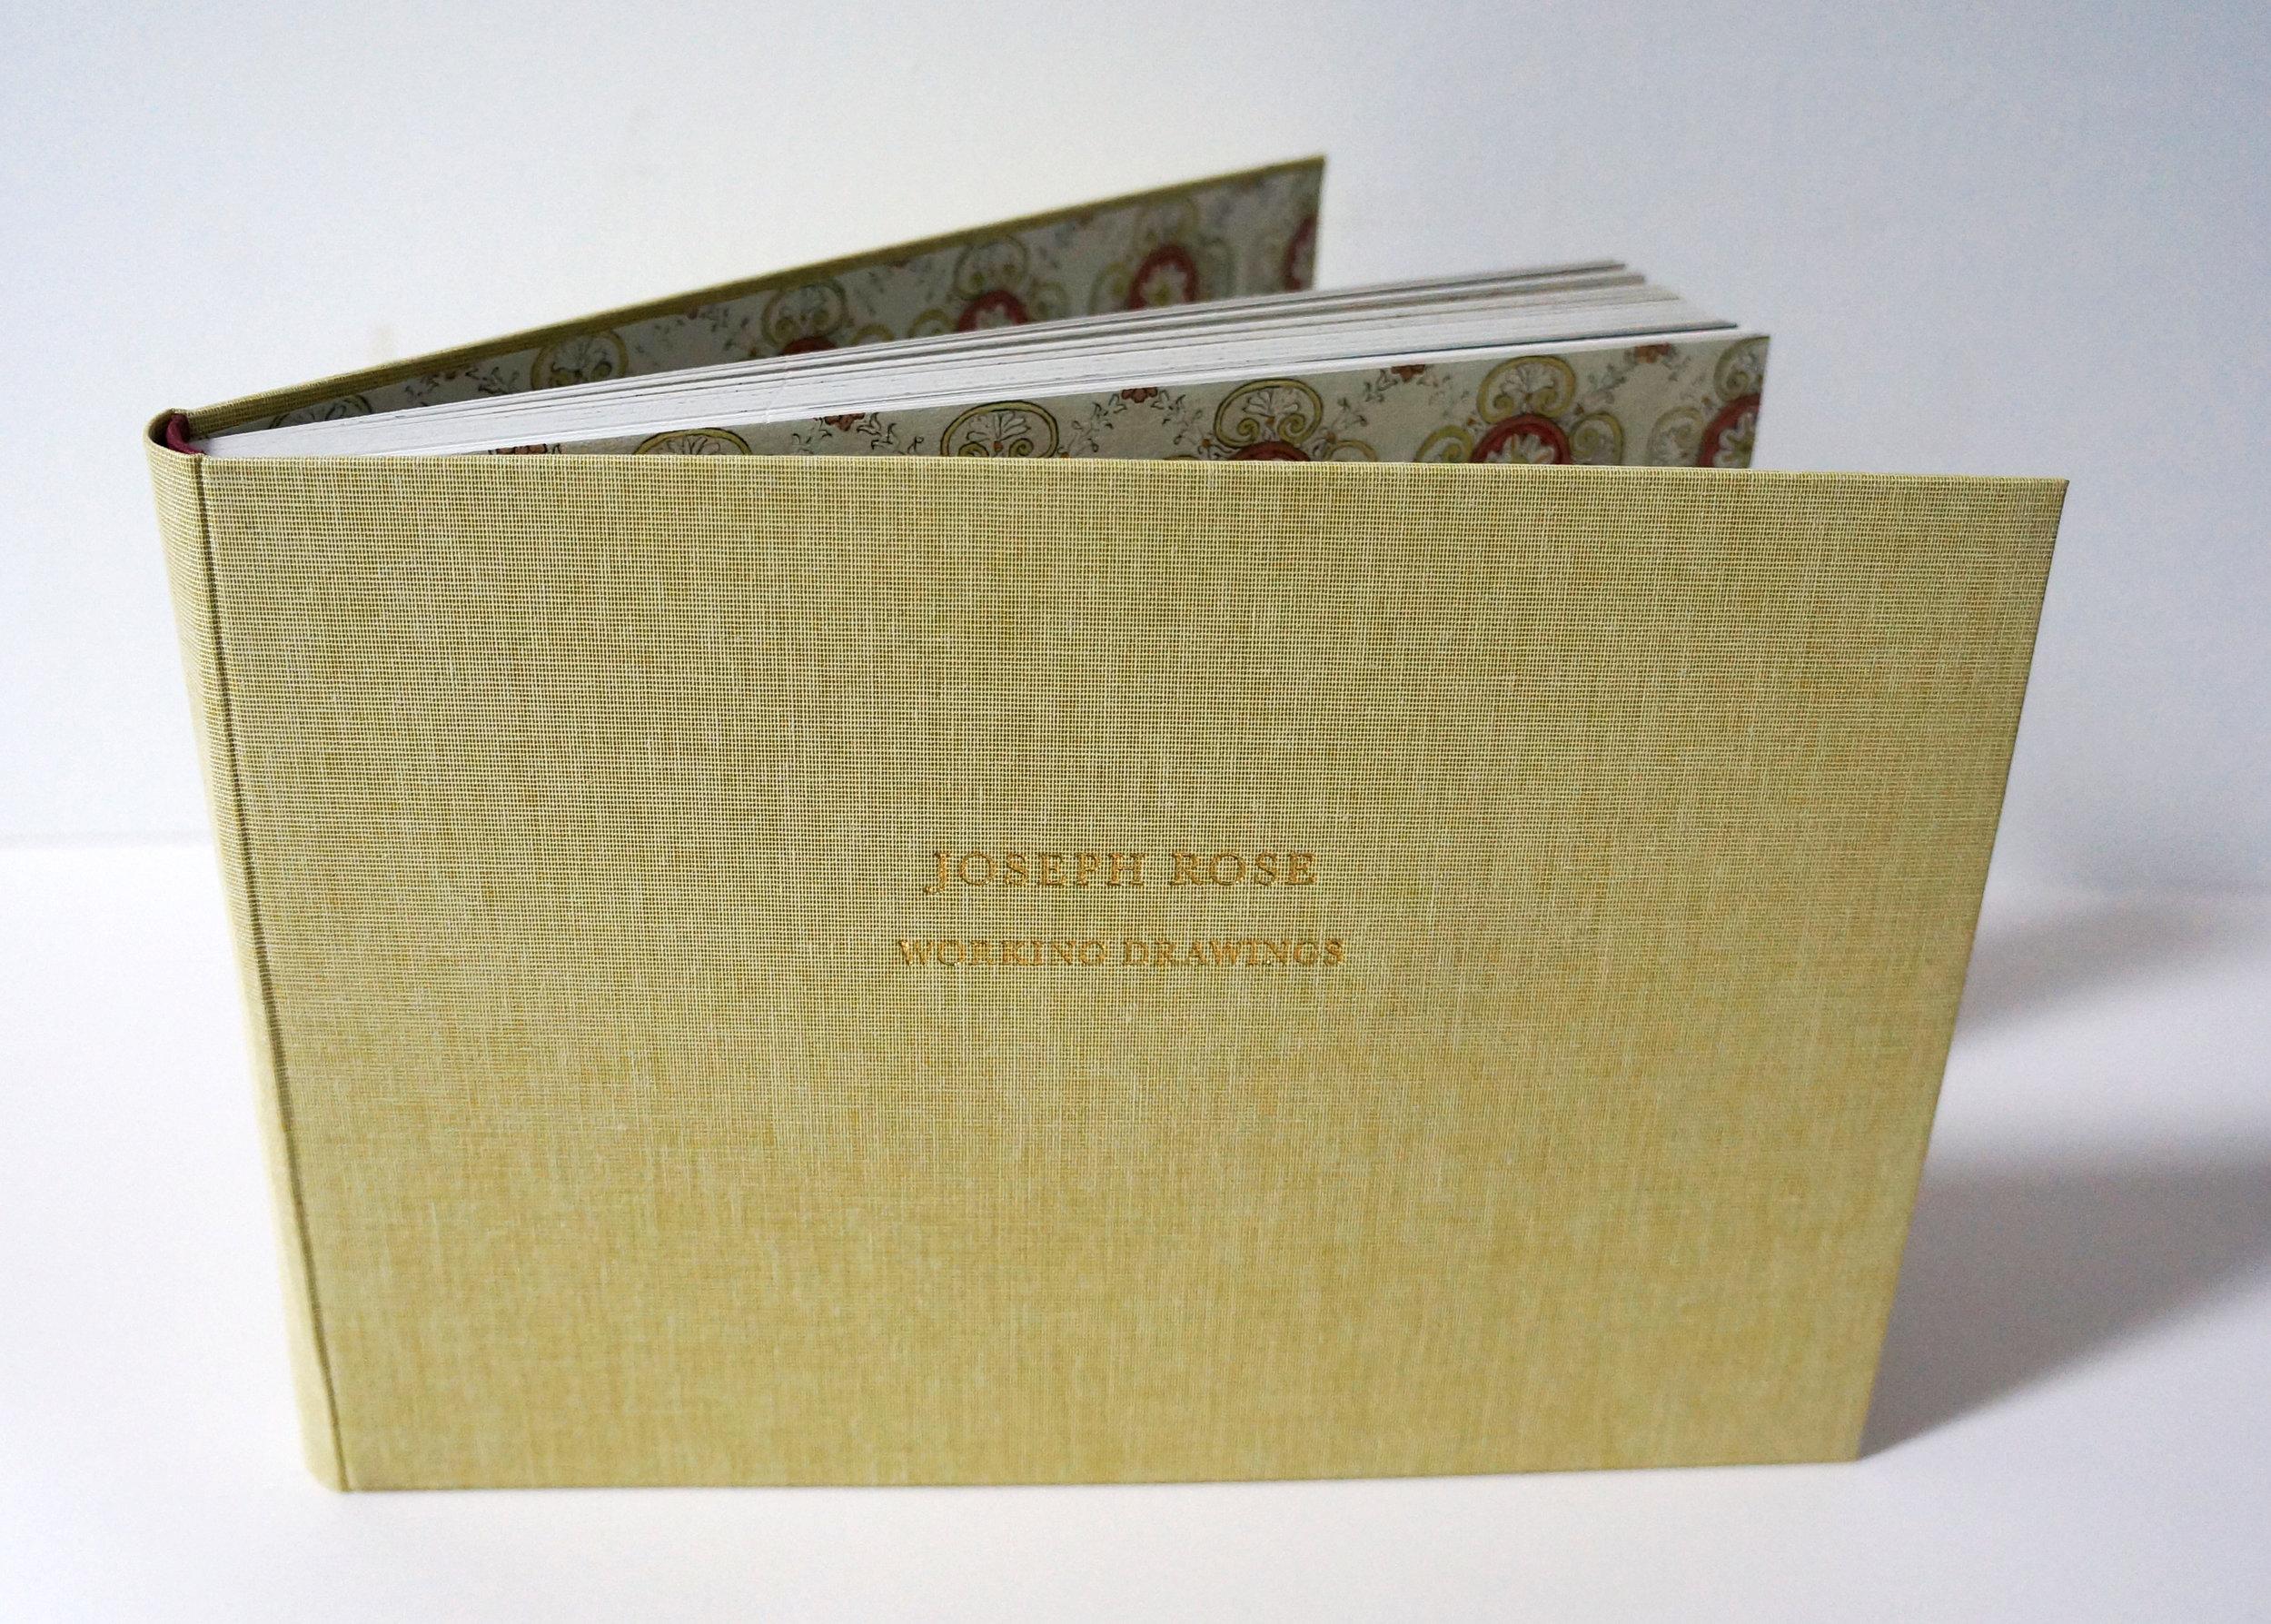 JosephRoseStandardwholebook.jpg